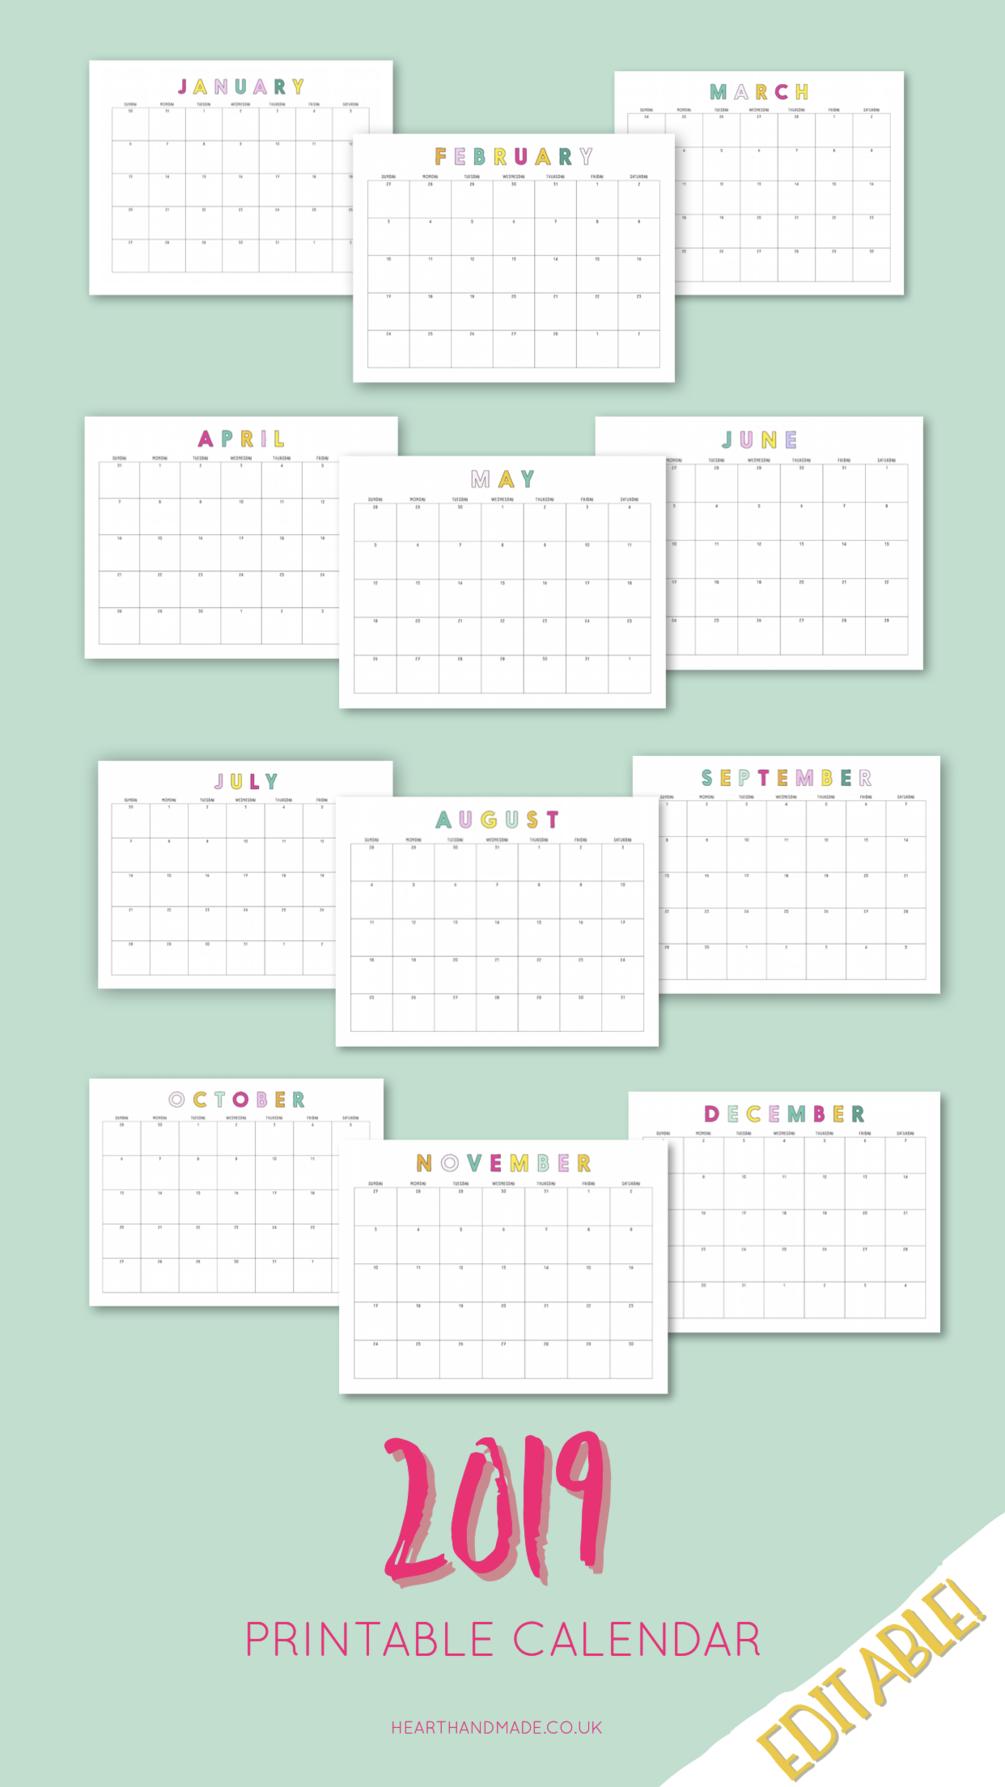 2019 Rainbow Editable Calendar | NOT A Mom Group Board | Printable